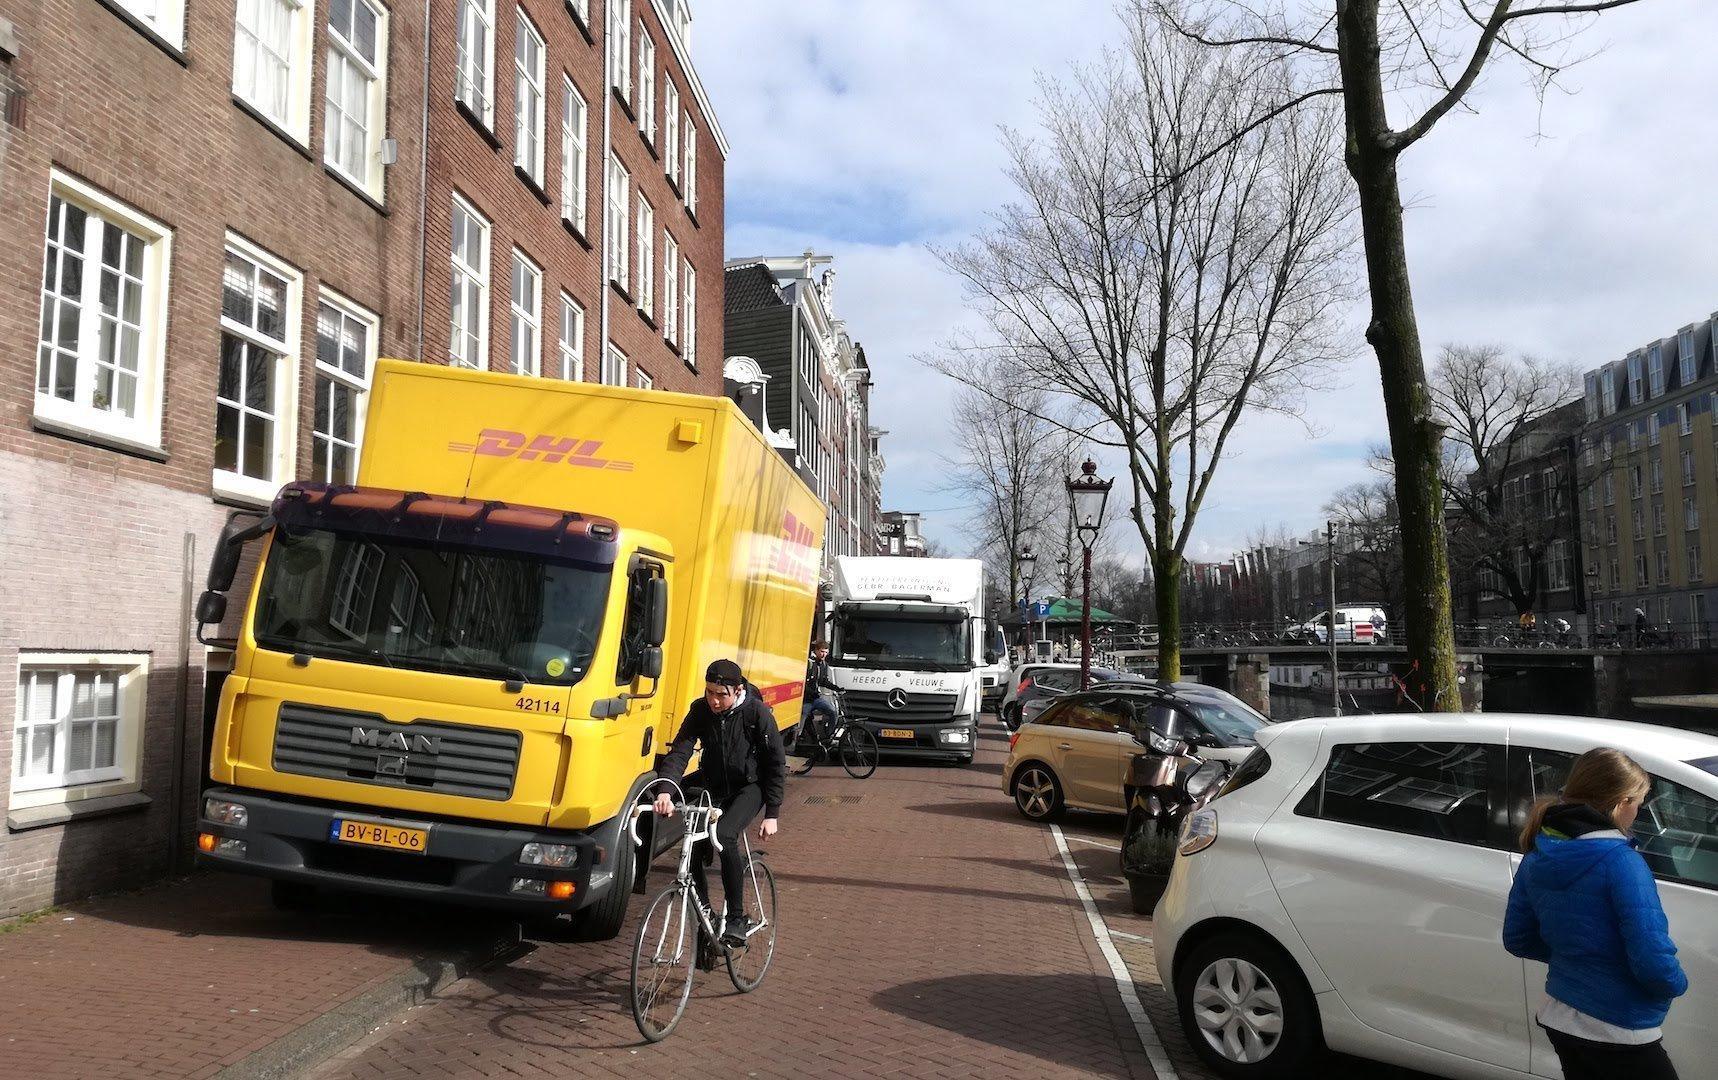 Zwischen Häusern und PKW-Parkplätzen stehen zwei LKW hintereinander halb auf Radwegen.